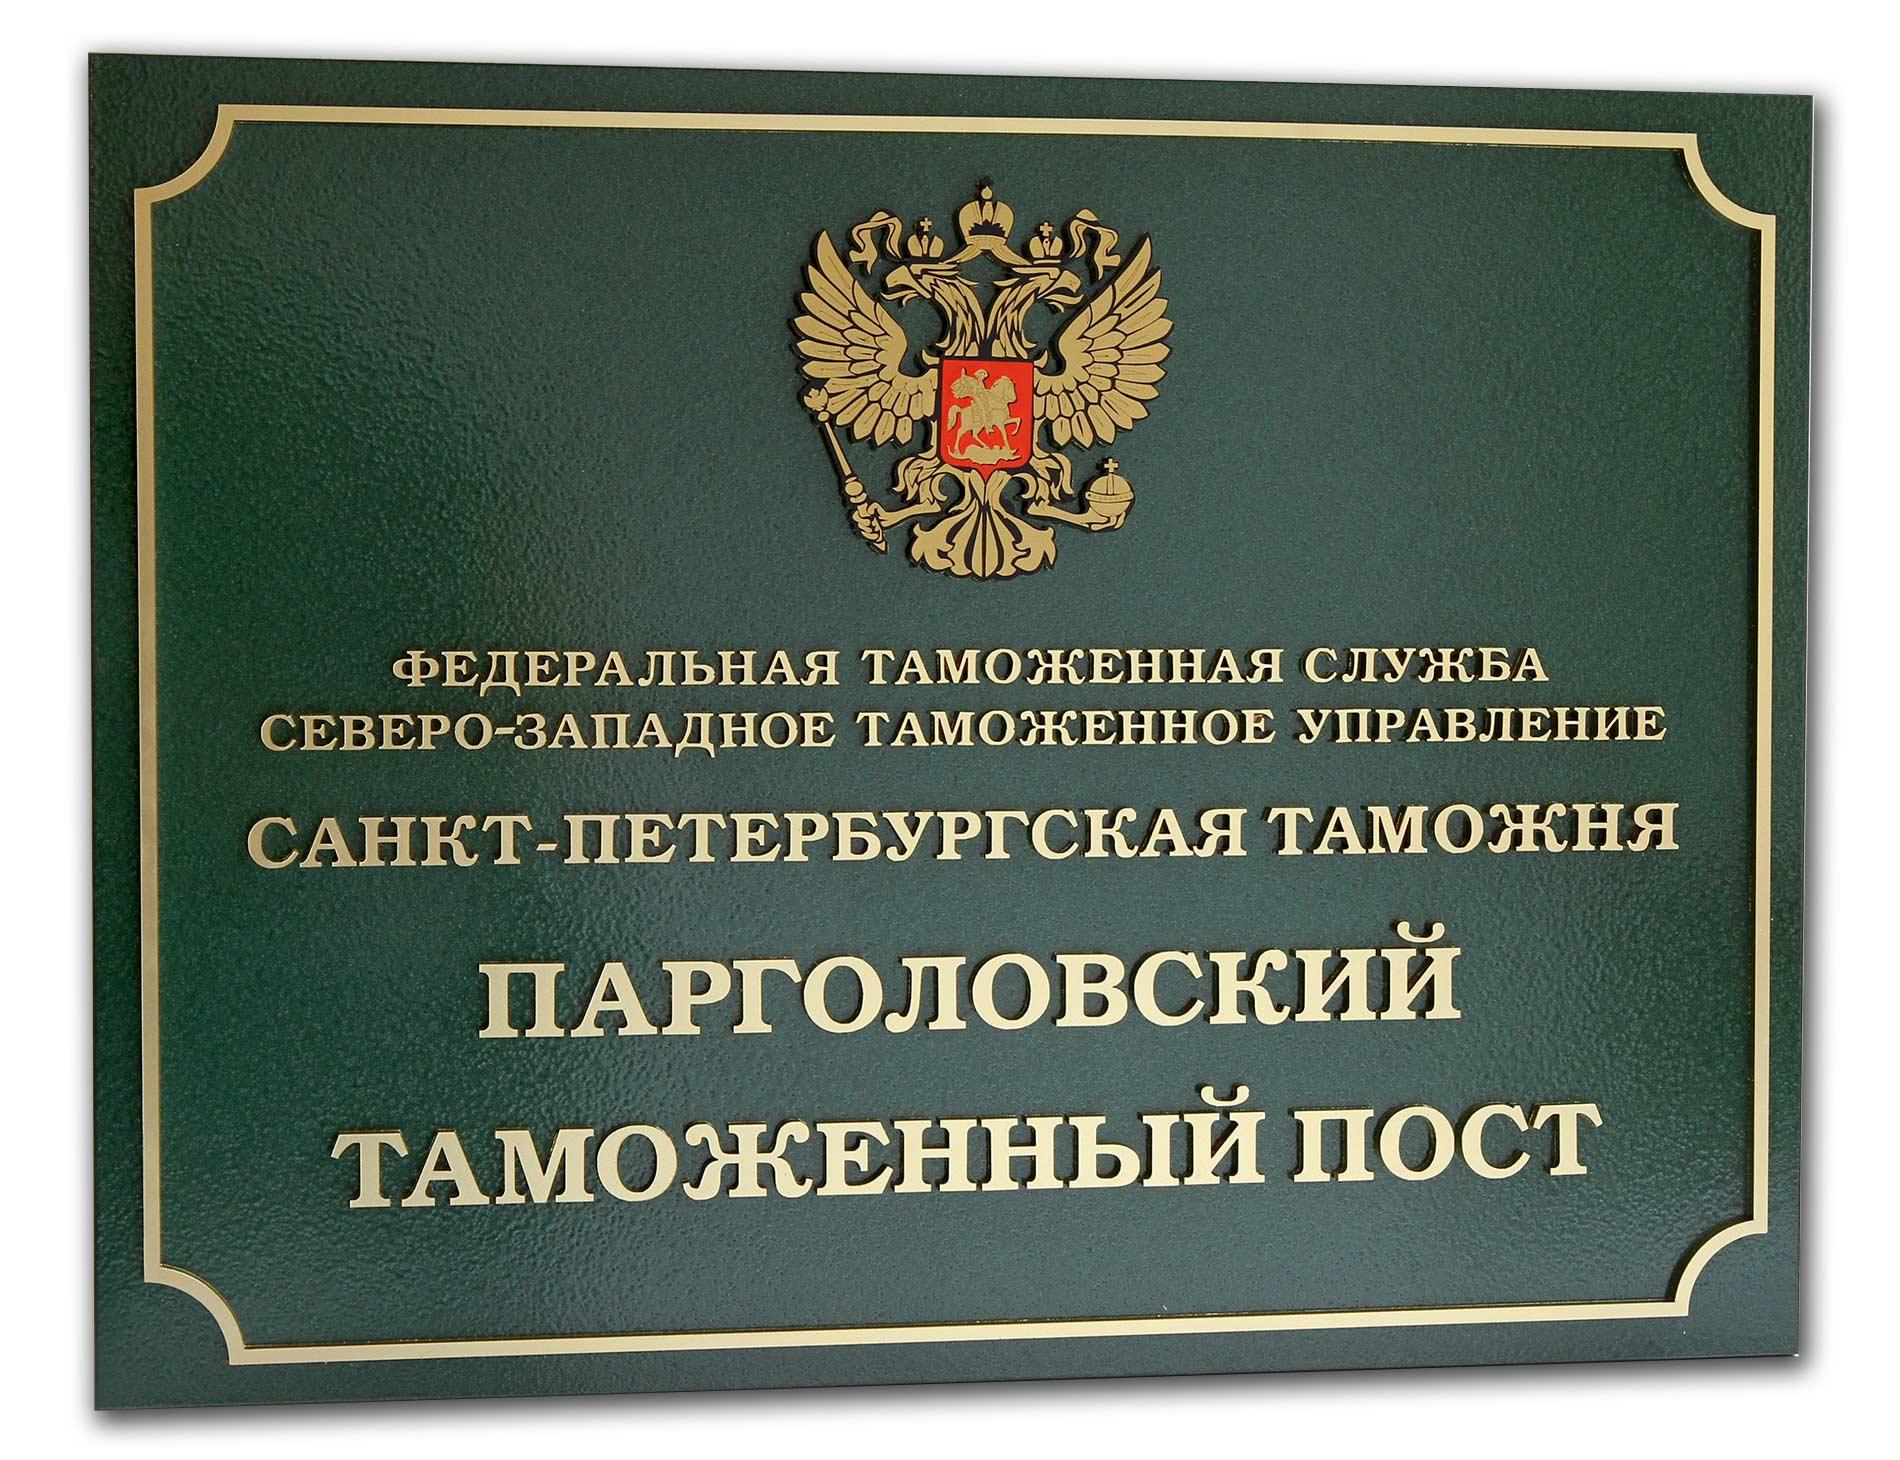 Табличка окрашенная молотковой краской с буквами металлик, рамкой и гербом